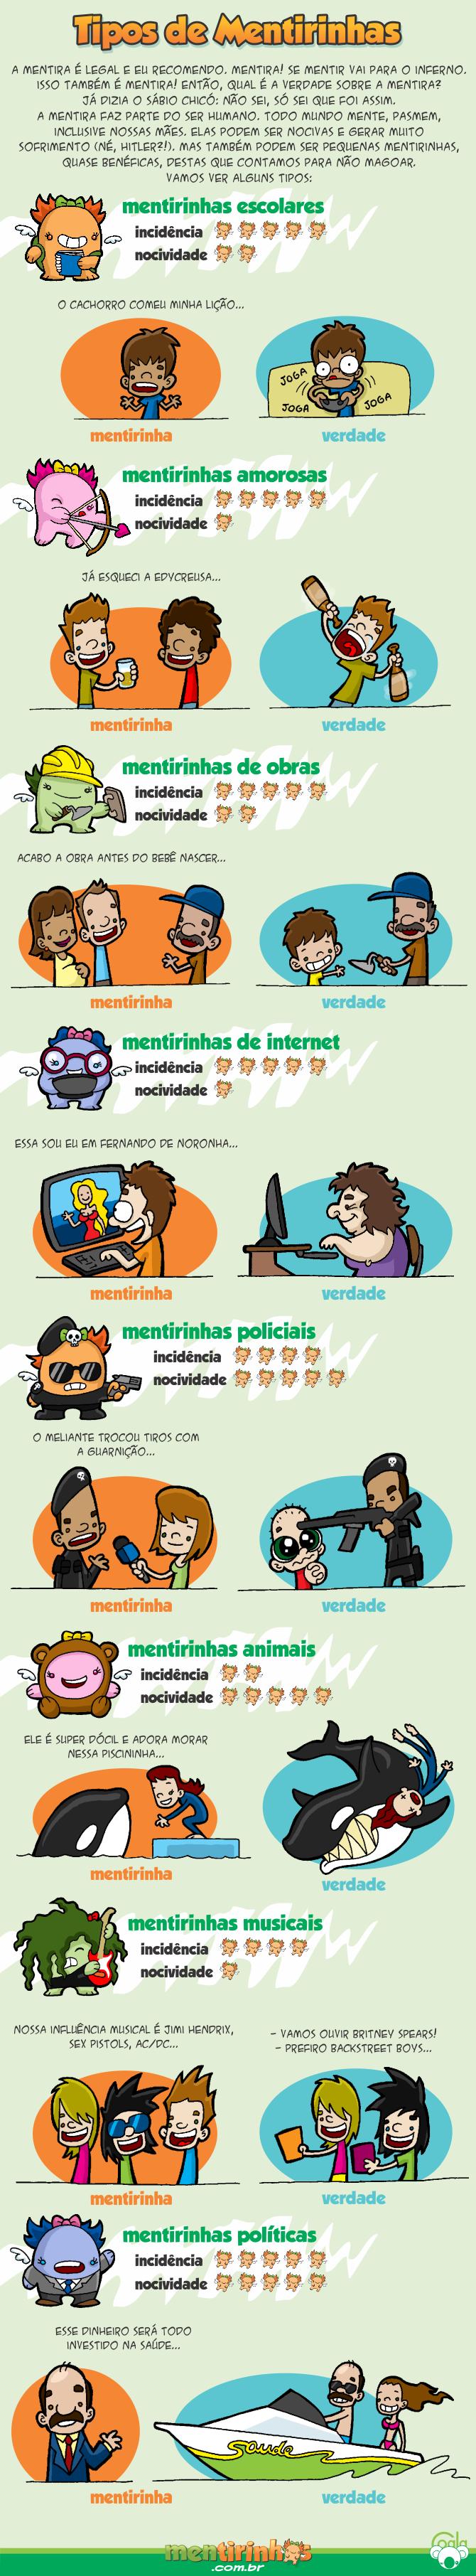 tipos_de_mentirinhas1